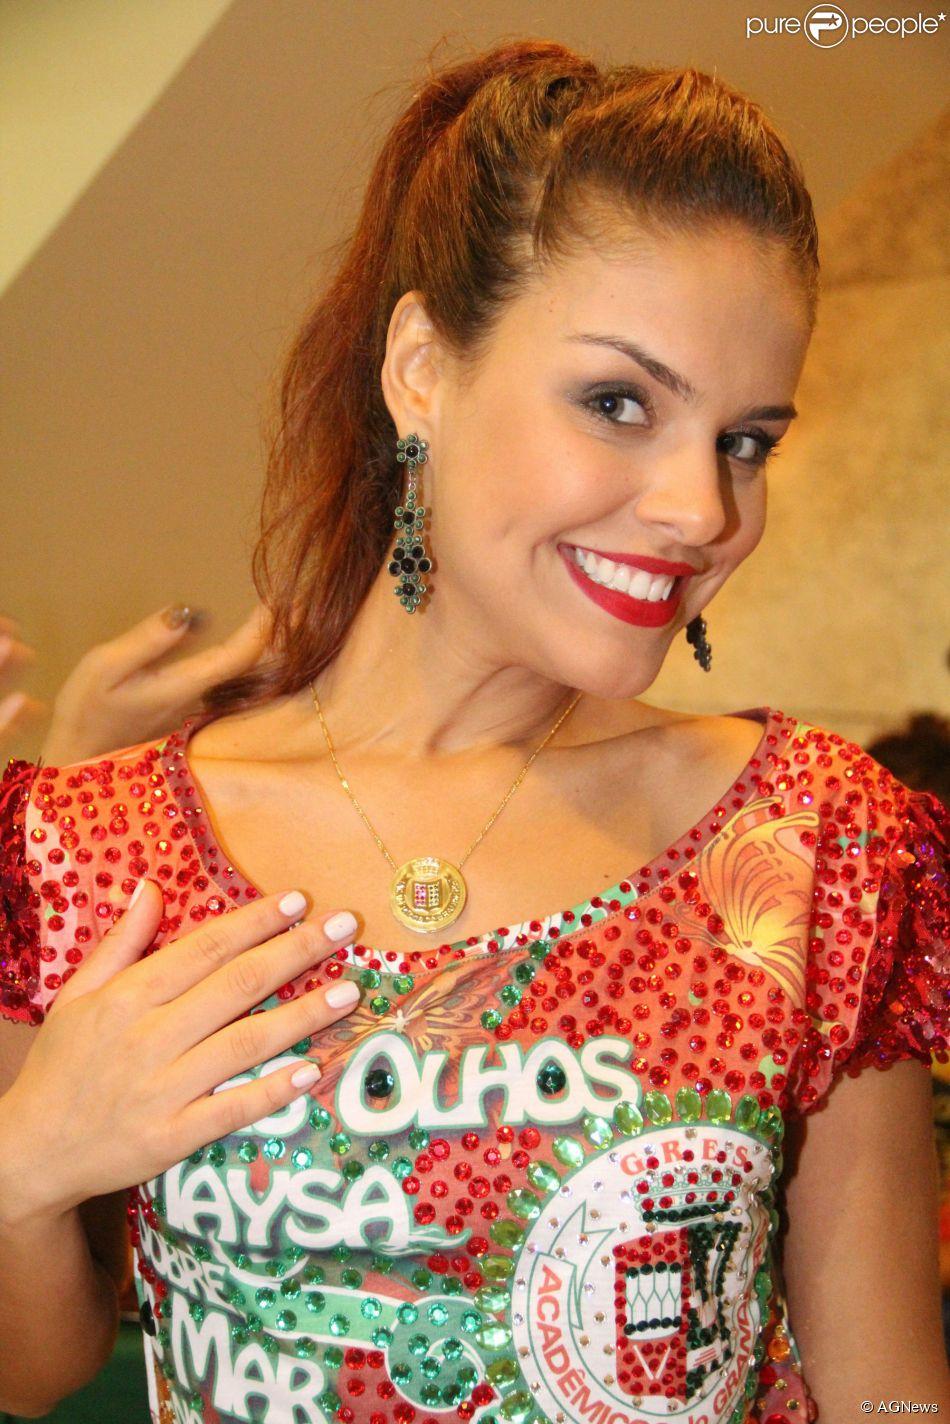 Paloma Bernardi está animada para fazer sua estreia no Carnaval do Rio. Destaque de chão da Grande Rio, a atriz contou, em entrevista à colunista Patricia Kogut nesta segunda-feira, 24 de fevereiro de 2014, que já emagreceu 3 quilos para a folia